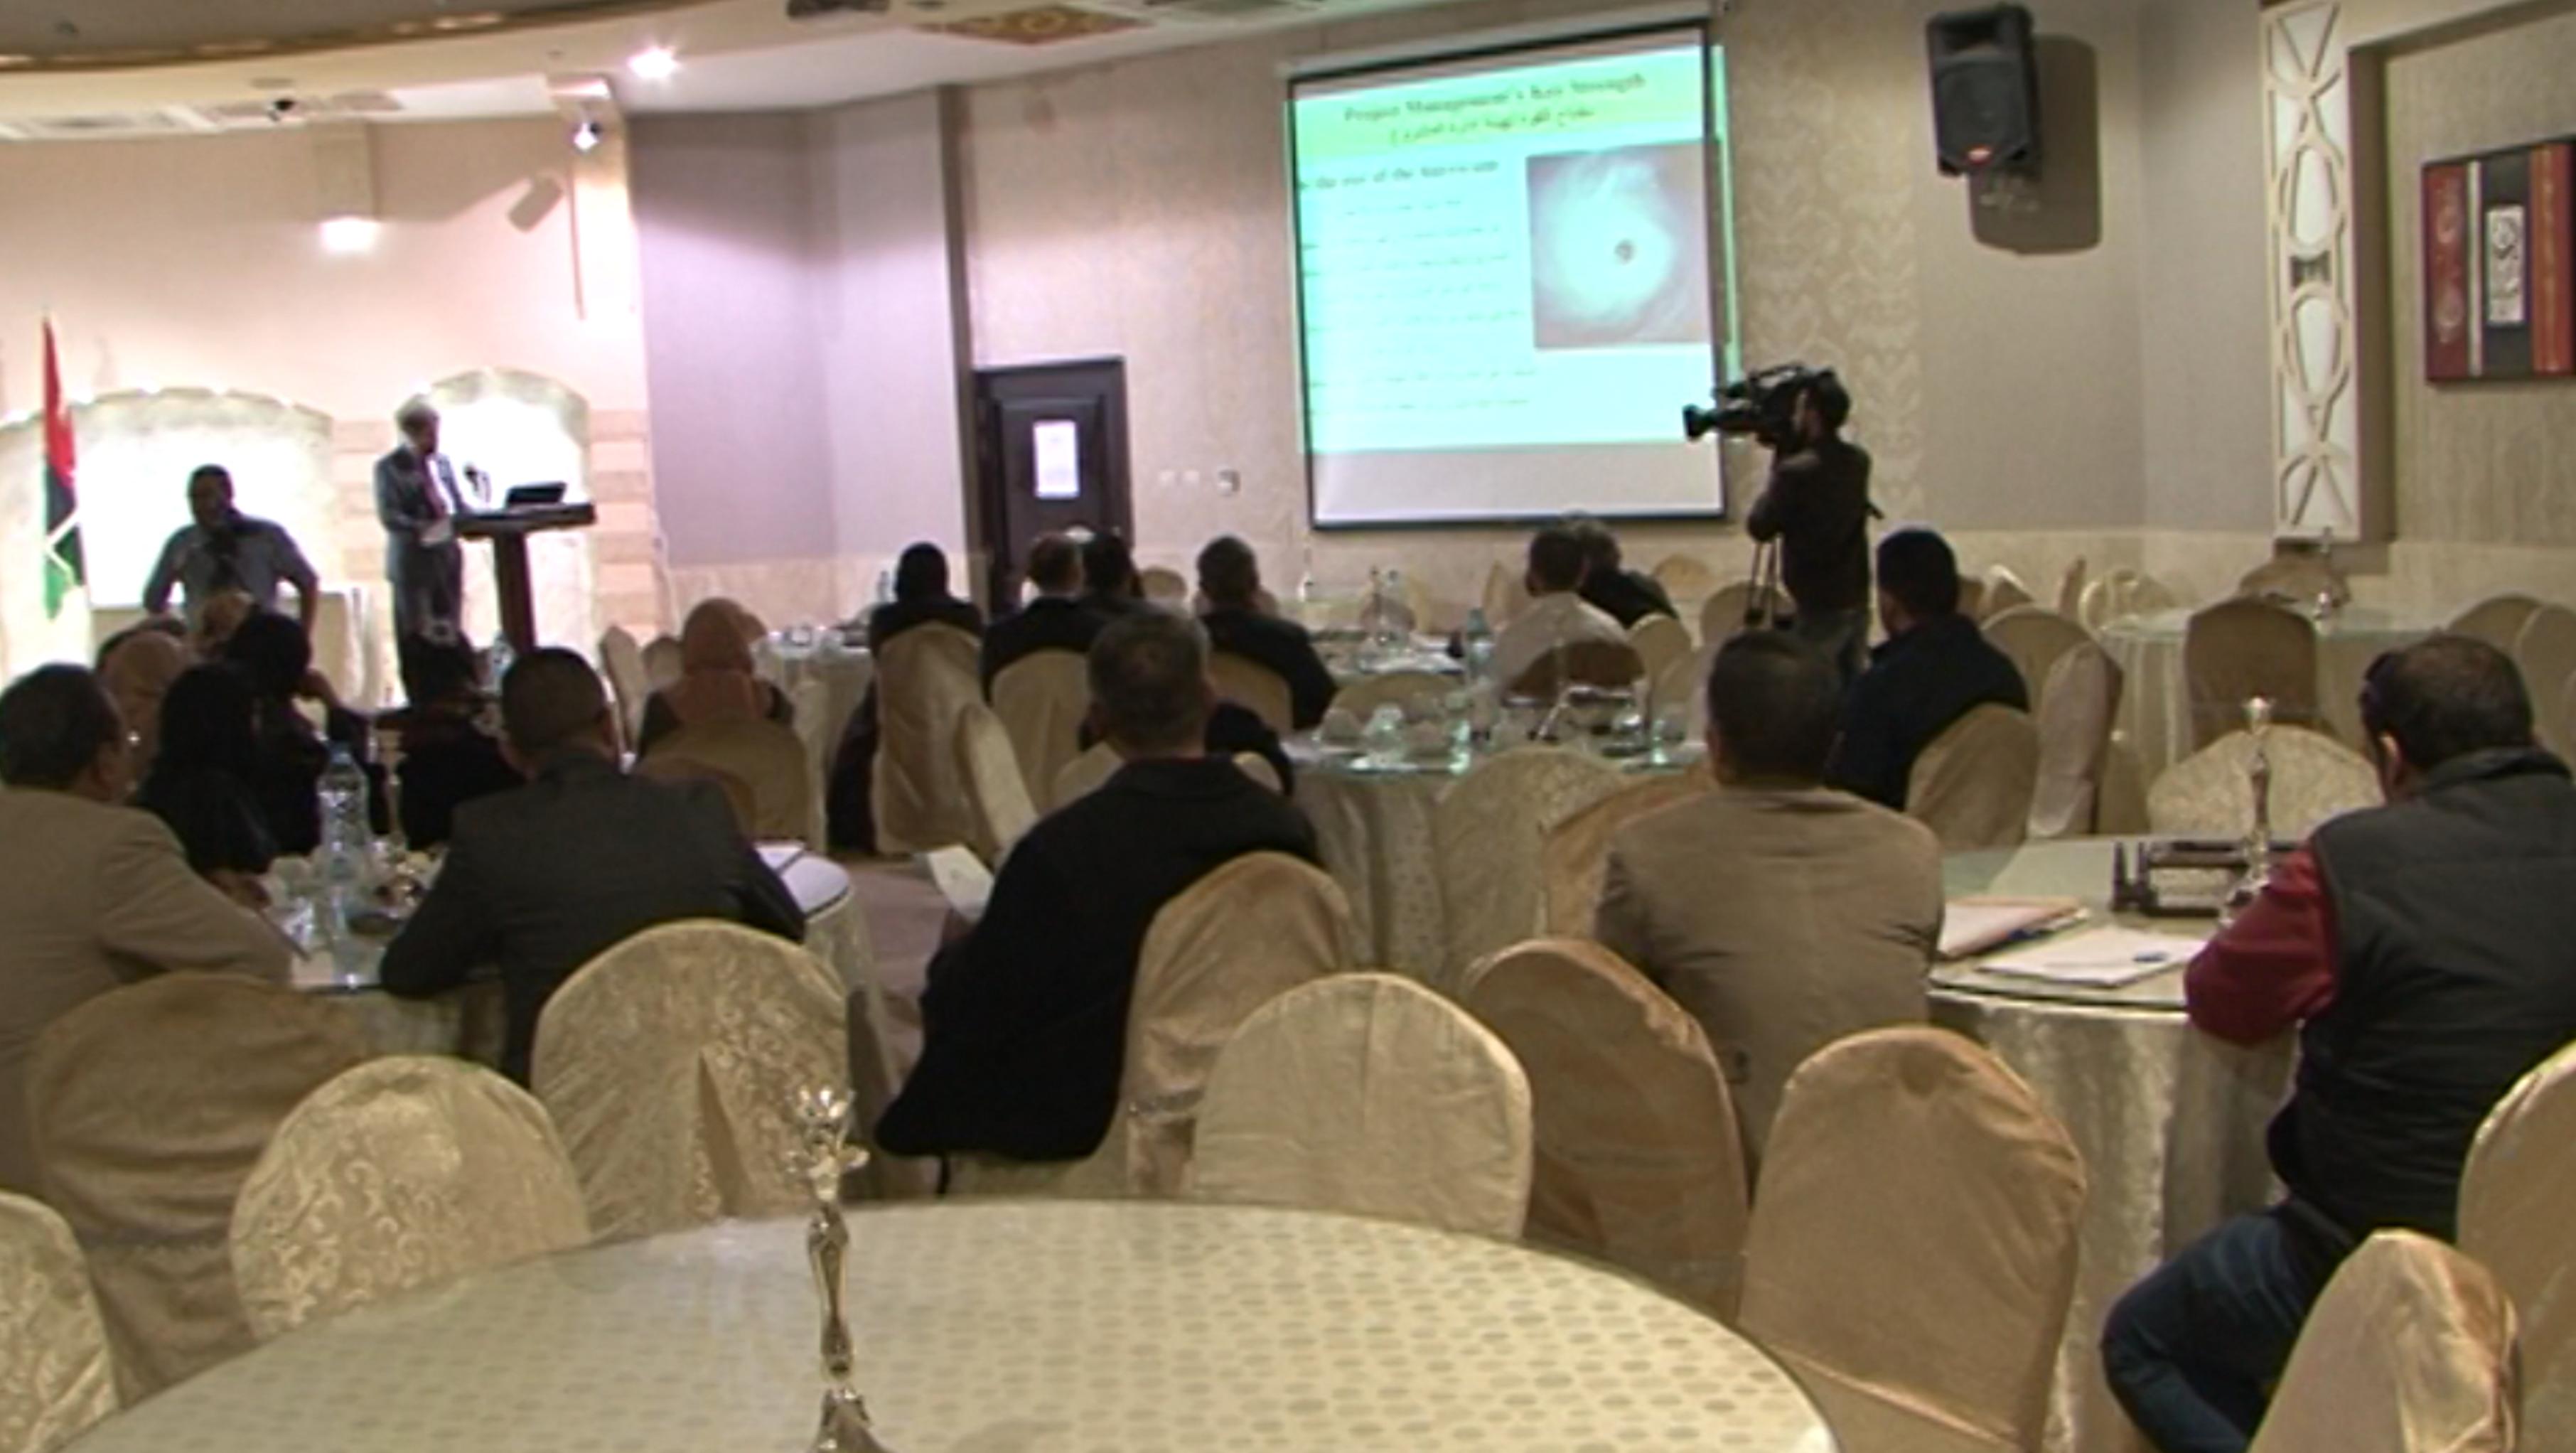 الشركة الشاملة للتعليم والتدريب في مدينة طرابلس